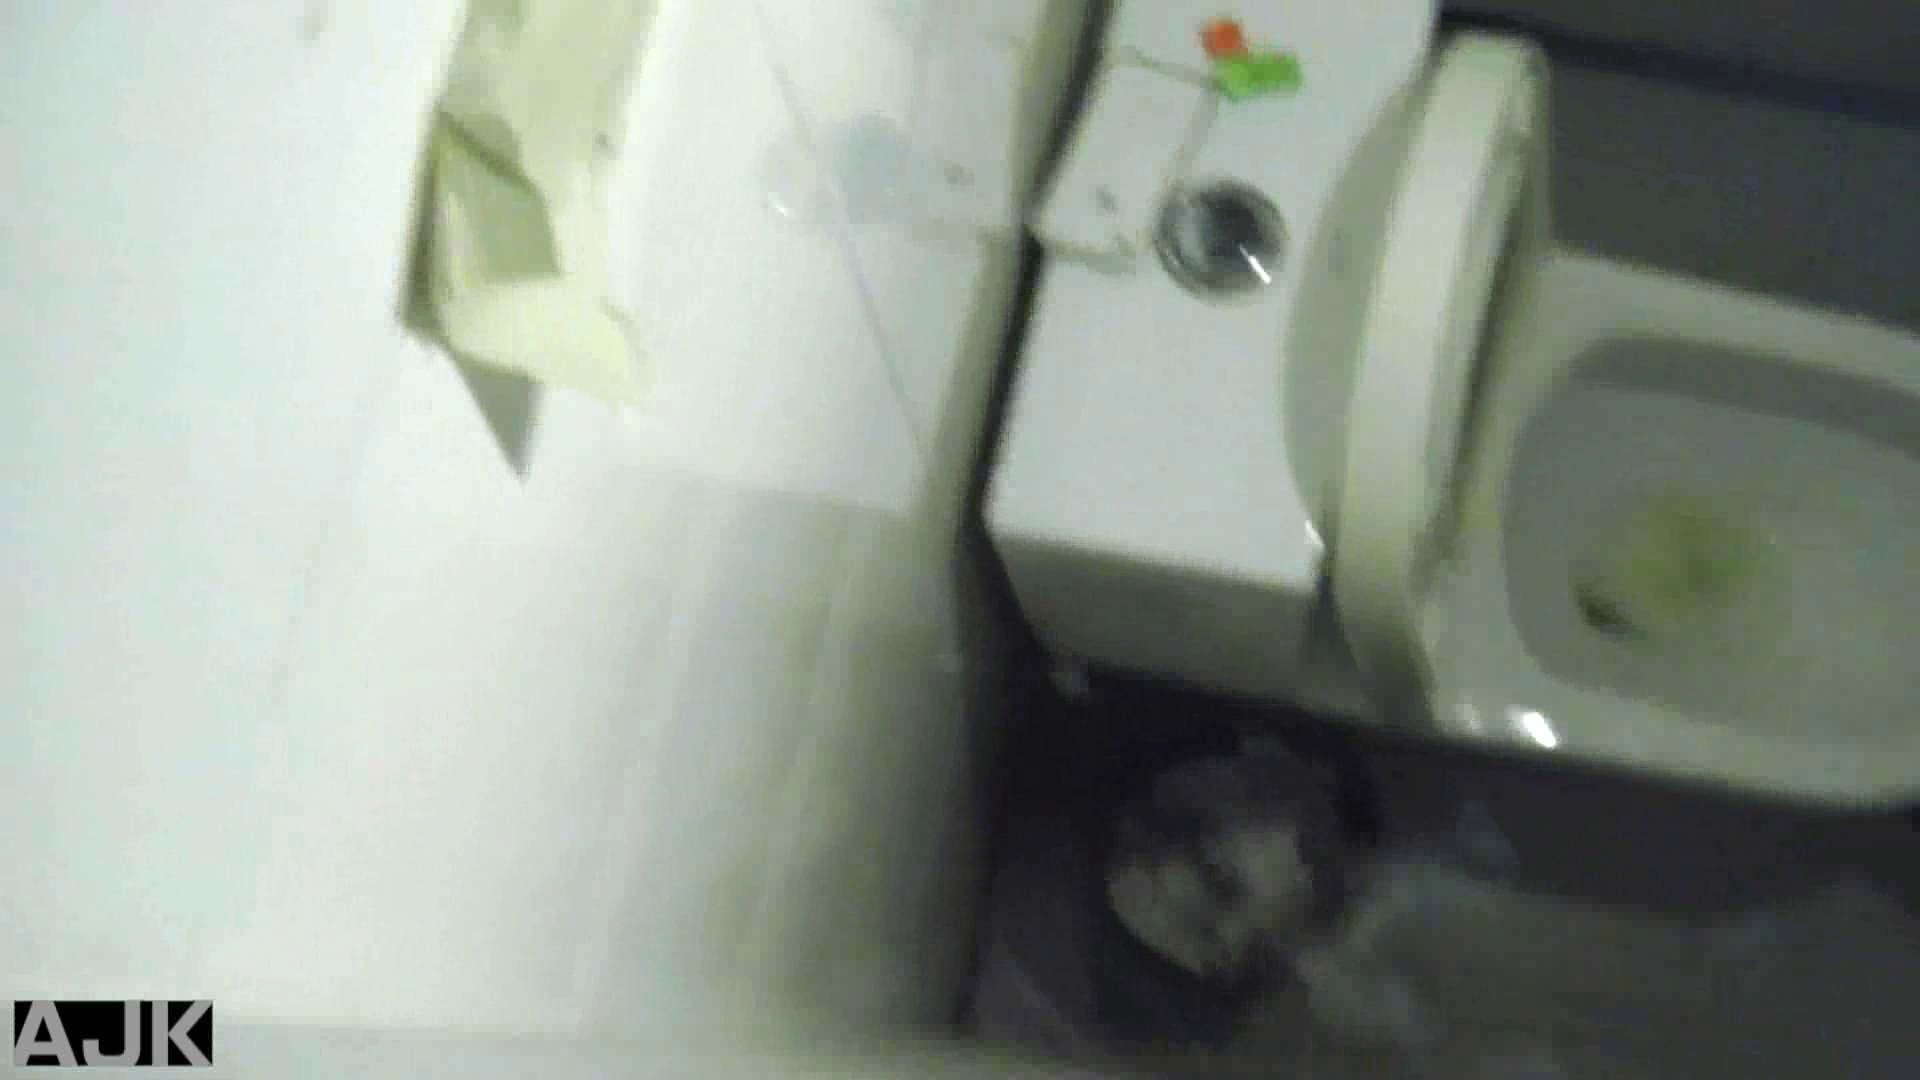 隣国上階級エリアの令嬢たちが集うデパートお手洗い Vol.13 OLの実態  56pic 16